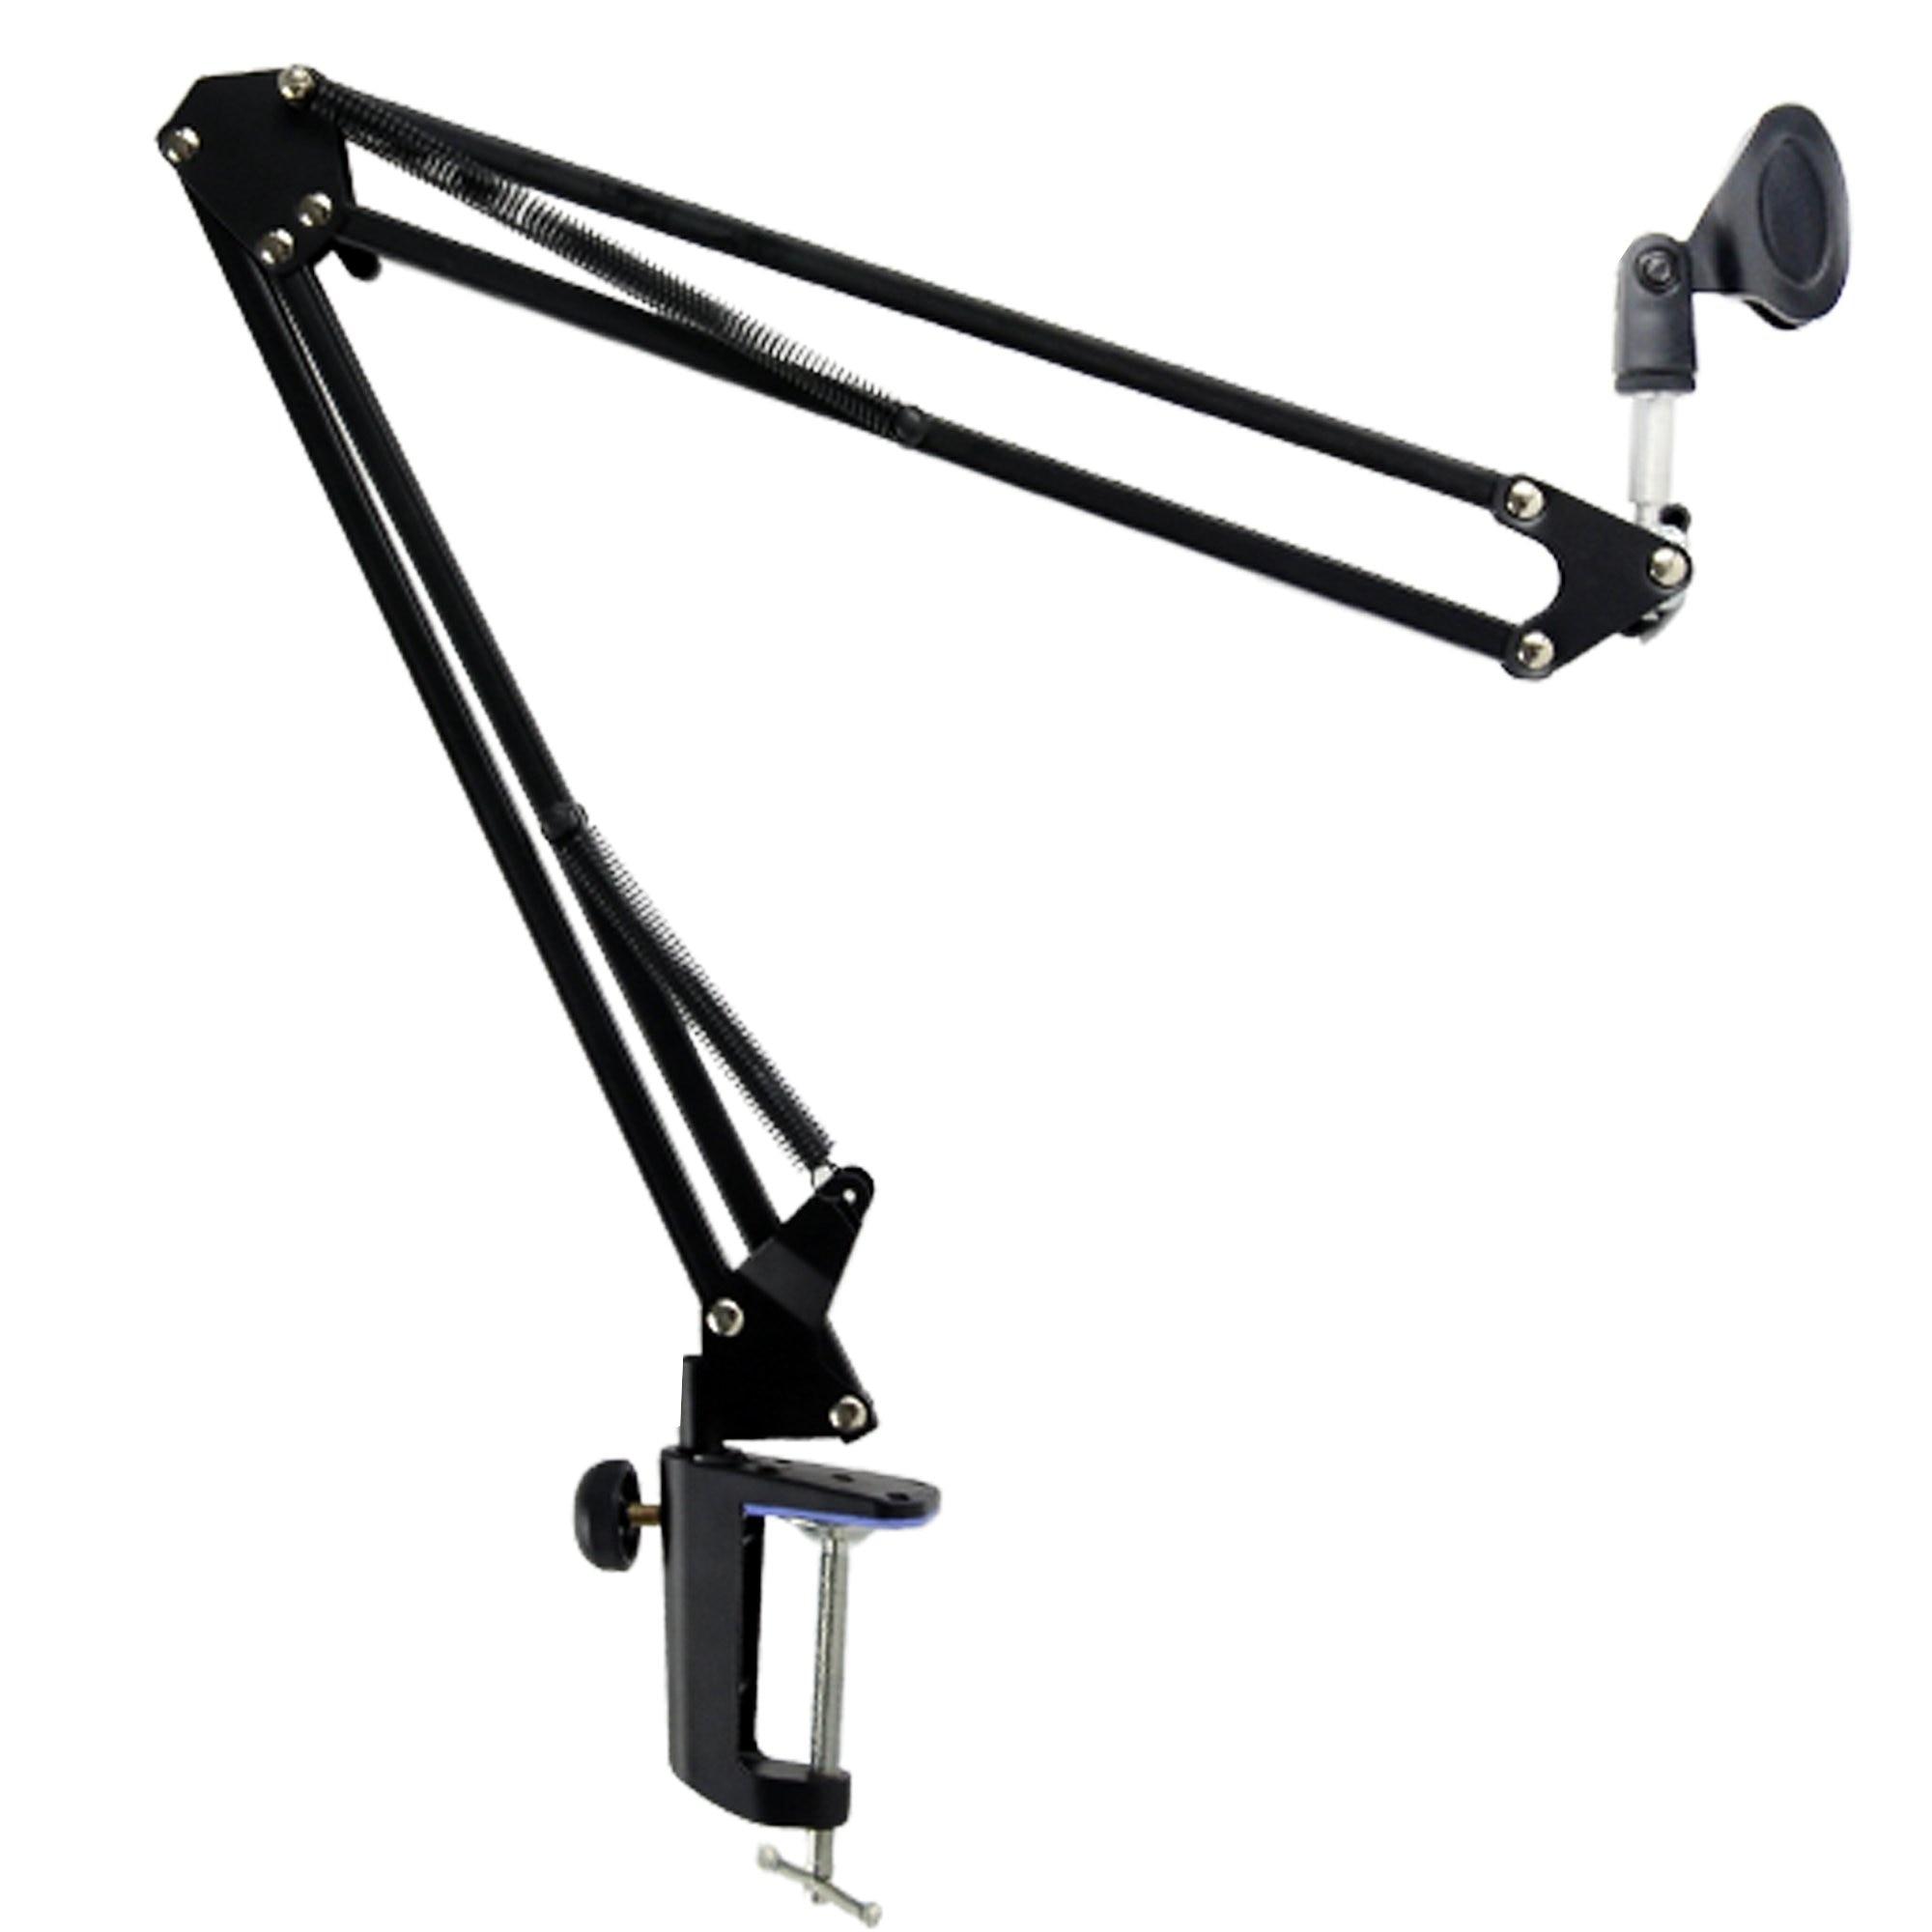 CES-Broadcast Studio micrófono Mic suspensión de los brazos de tijera brazo soporte